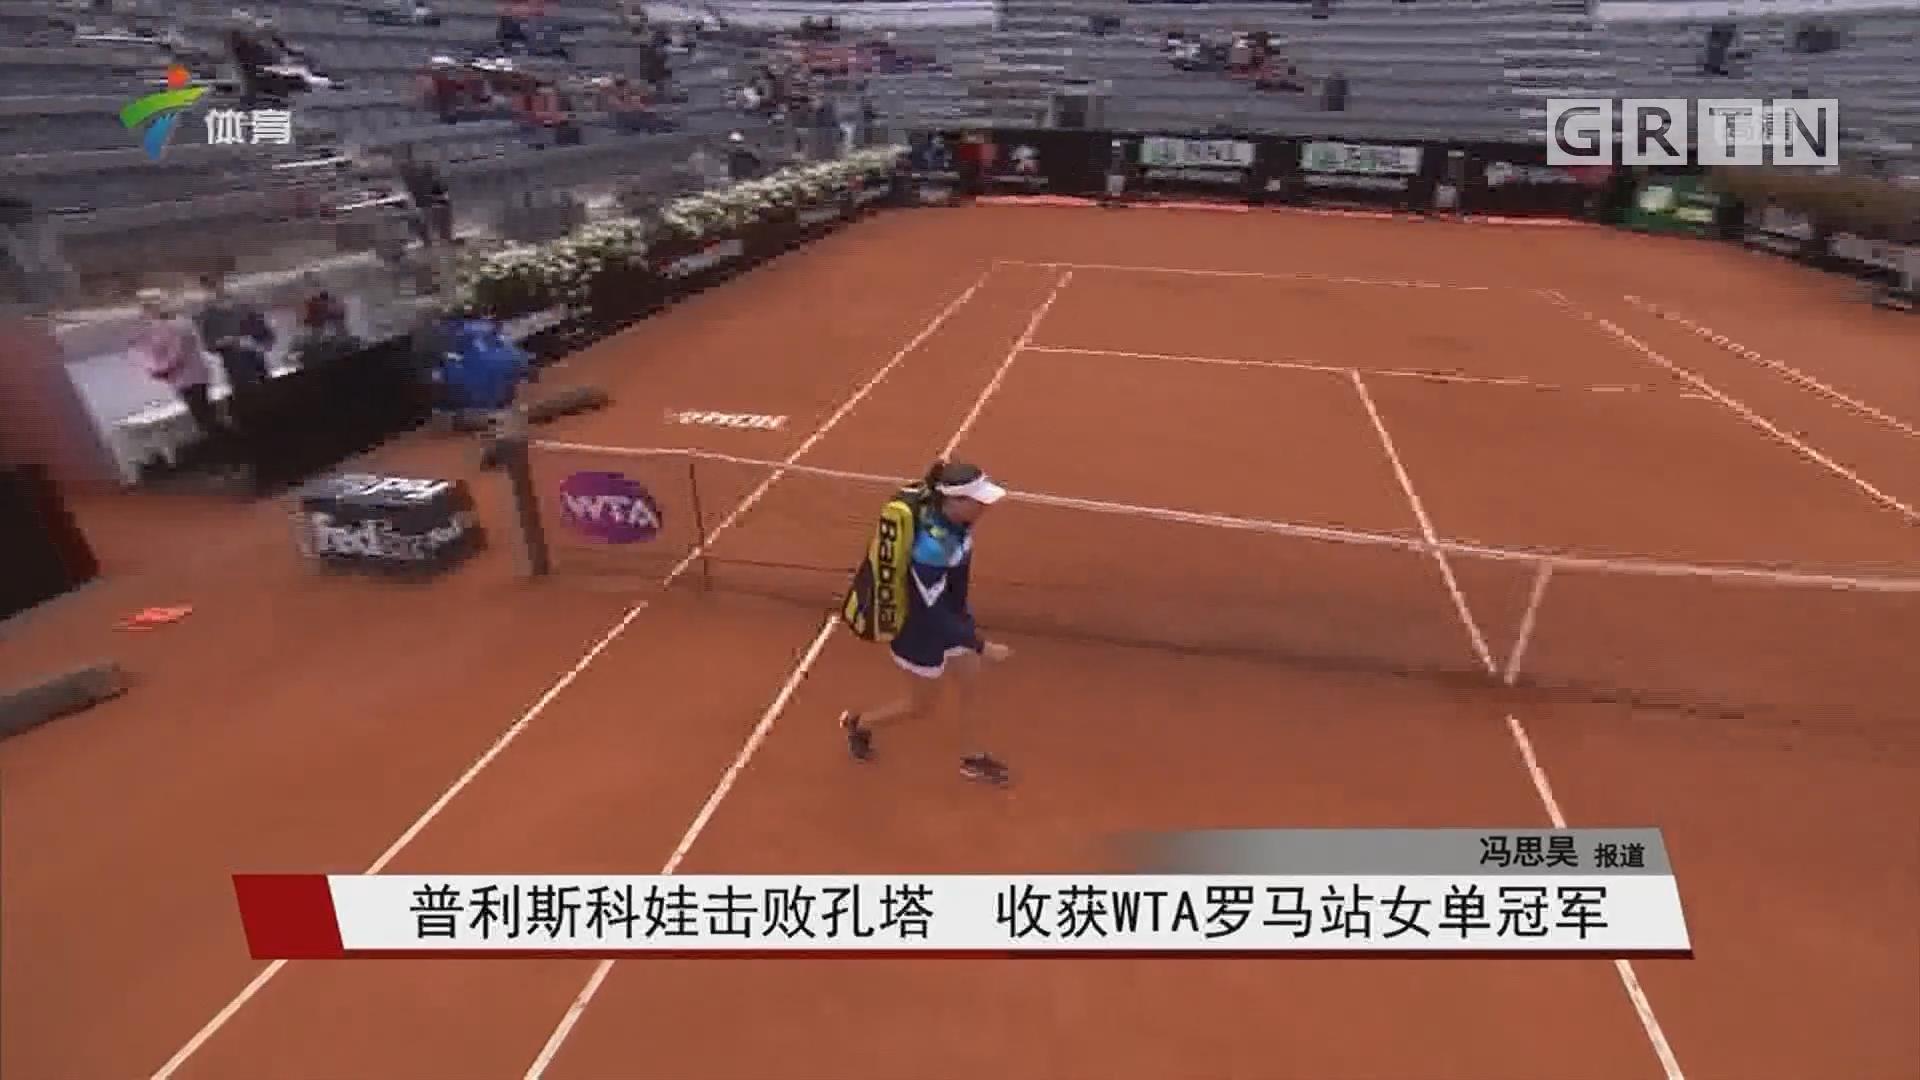 普利斯科娃击败孔塔 收获WTA罗马站女单冠军